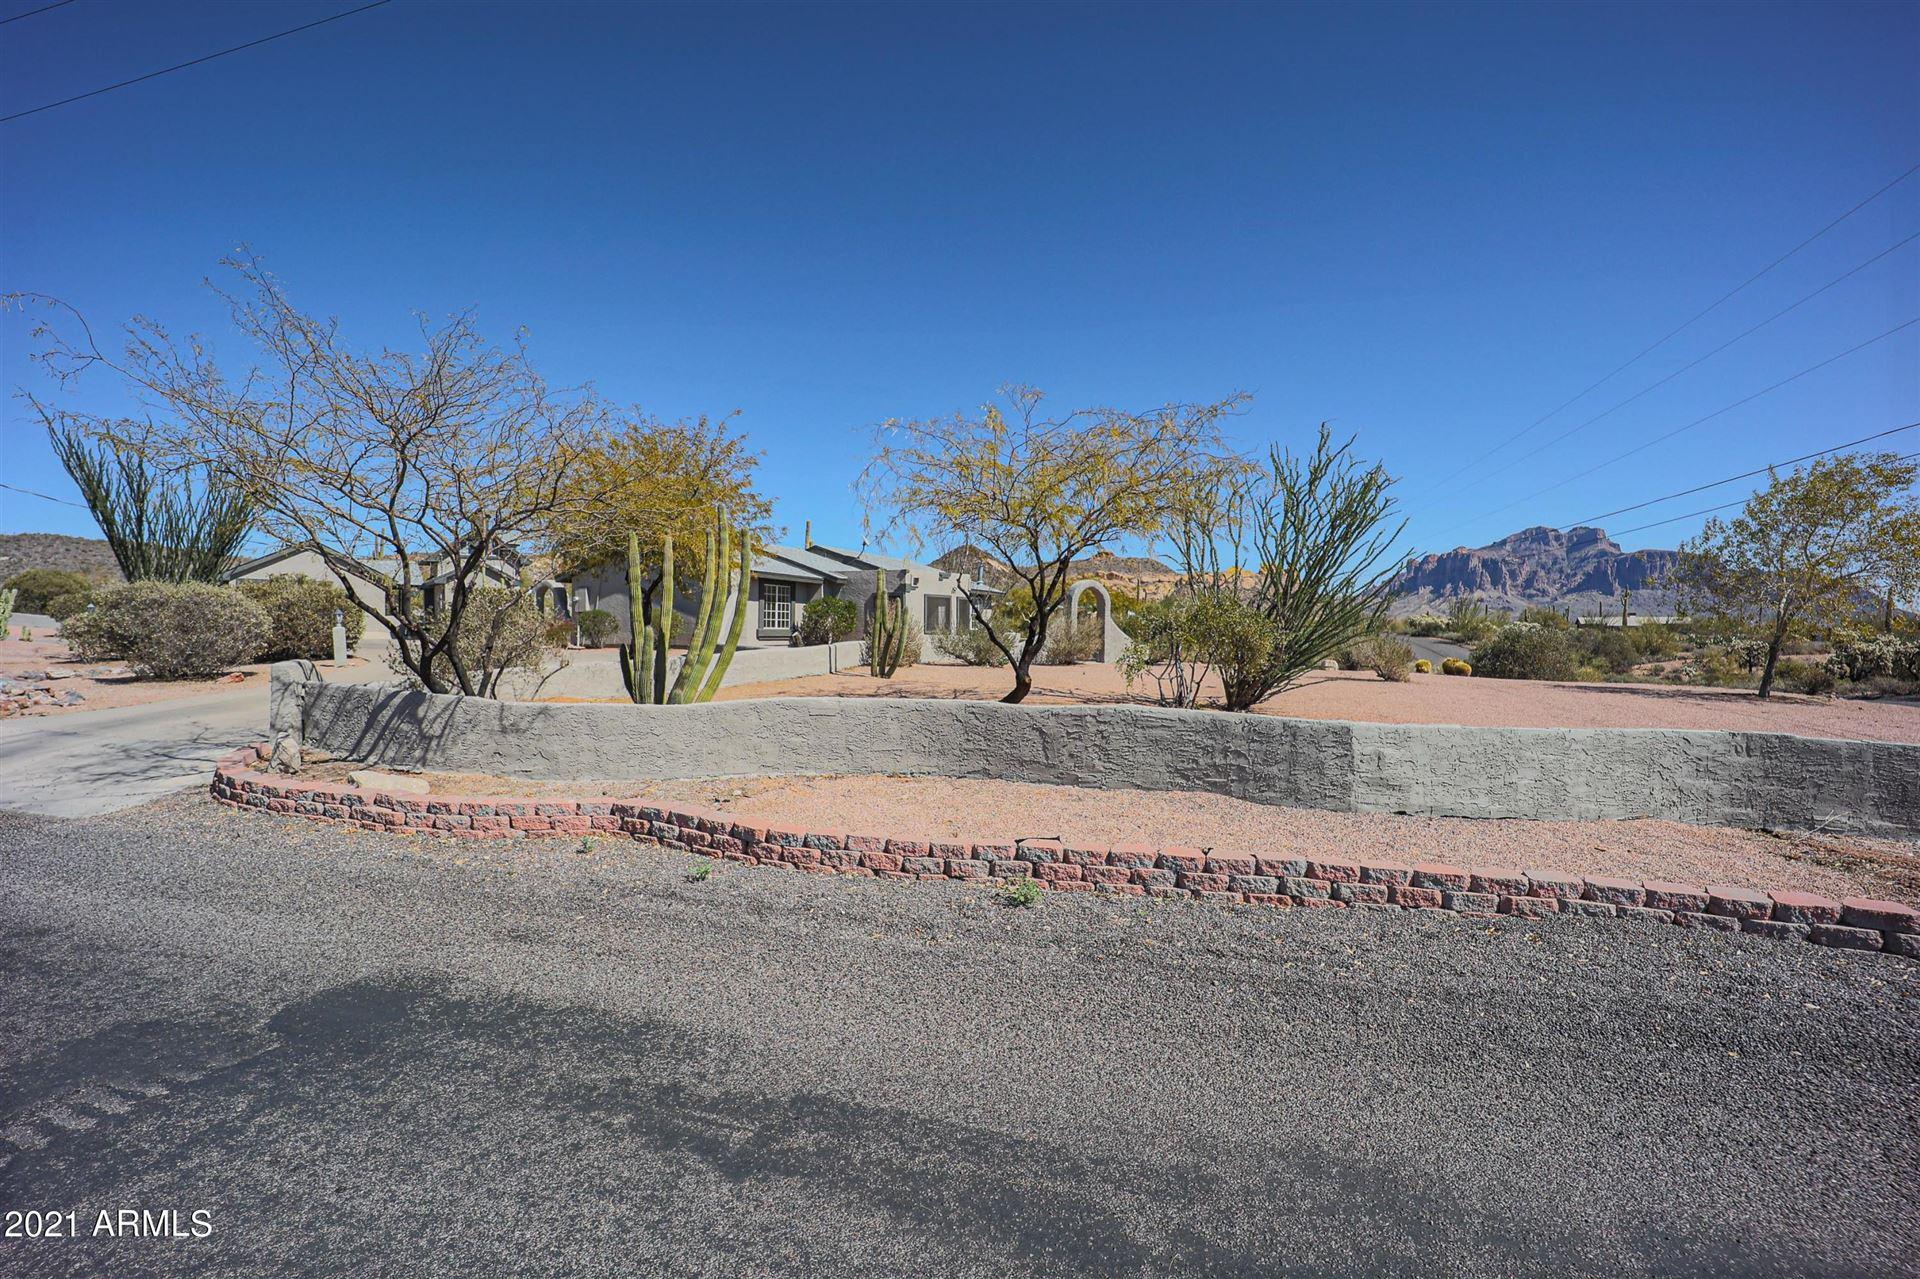 Photo of 5425 N CACTUS Road, Apache Junction, AZ 85119 (MLS # 6201032)